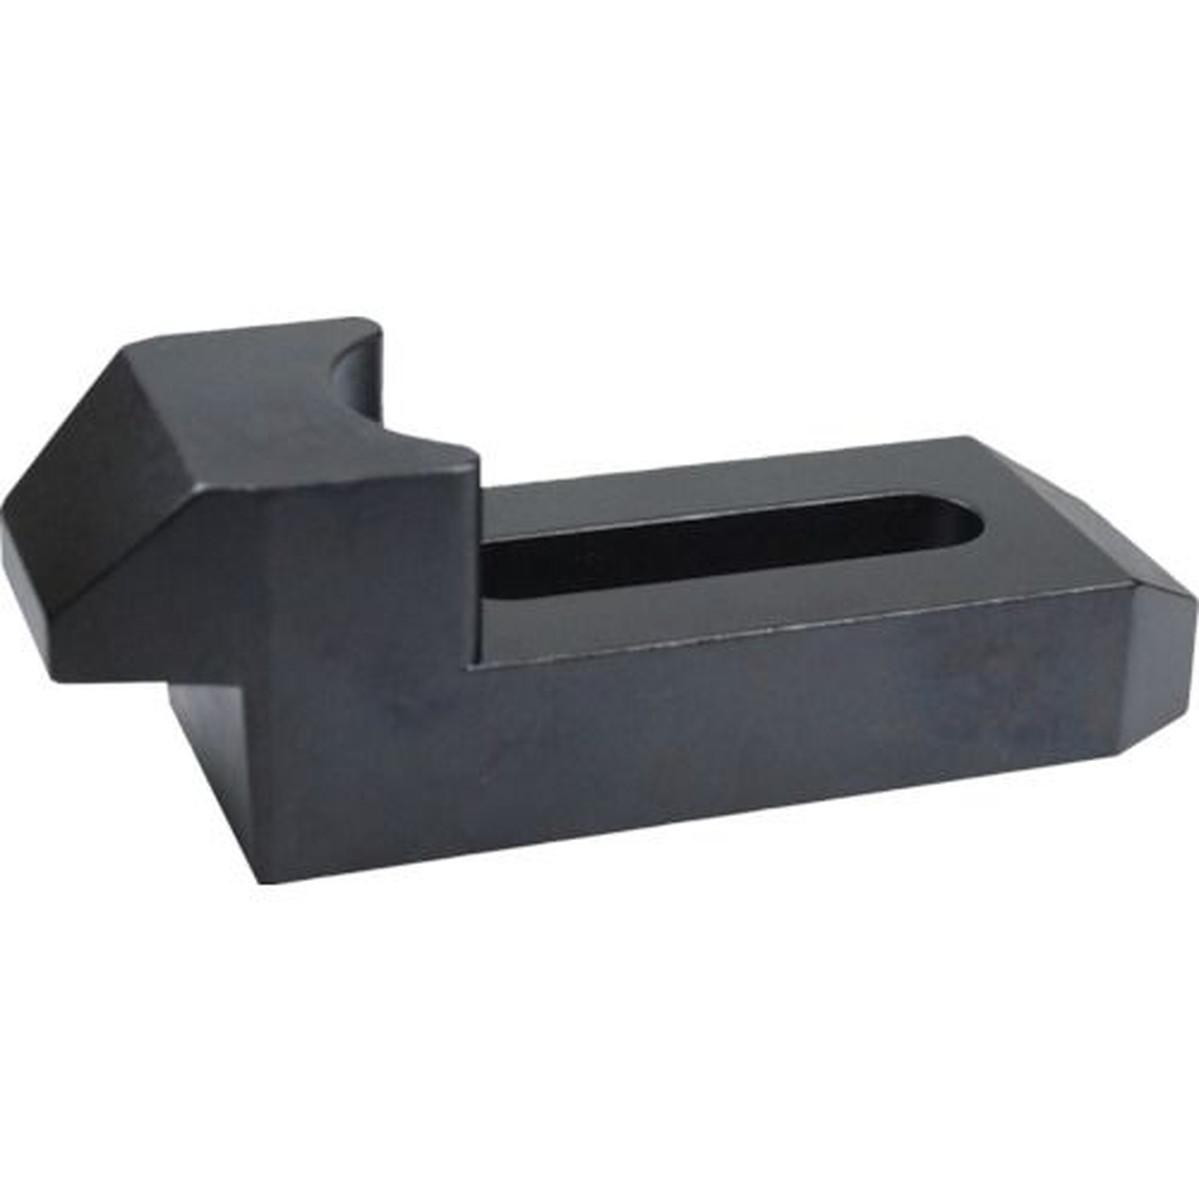 大人気定番商品 ニューストロング 使用ボルト グースネッククランプ 1個 使用ボルト M20 ニューストロング 1個, アウトレット建材屋:4ae2fe09 --- bungsu.net